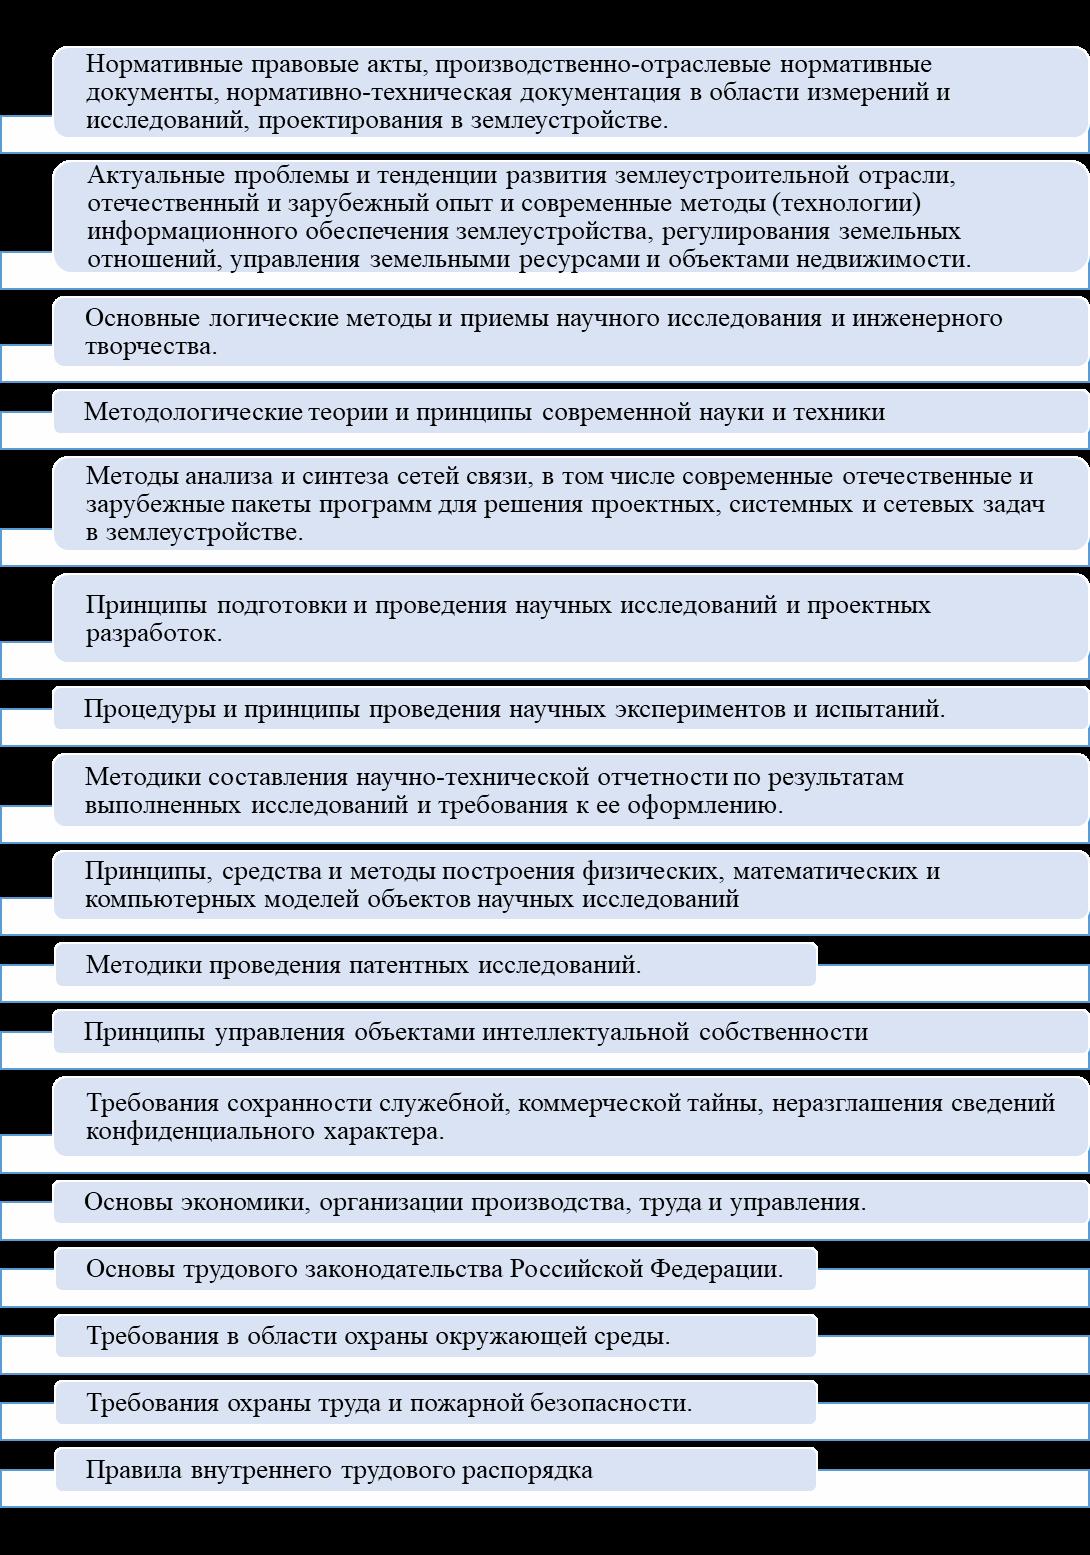 word image 120 Мониторинг и анализ образовательной деятельности образовательных организаций аграрного профиля в условиях «регуляторной гильотины»